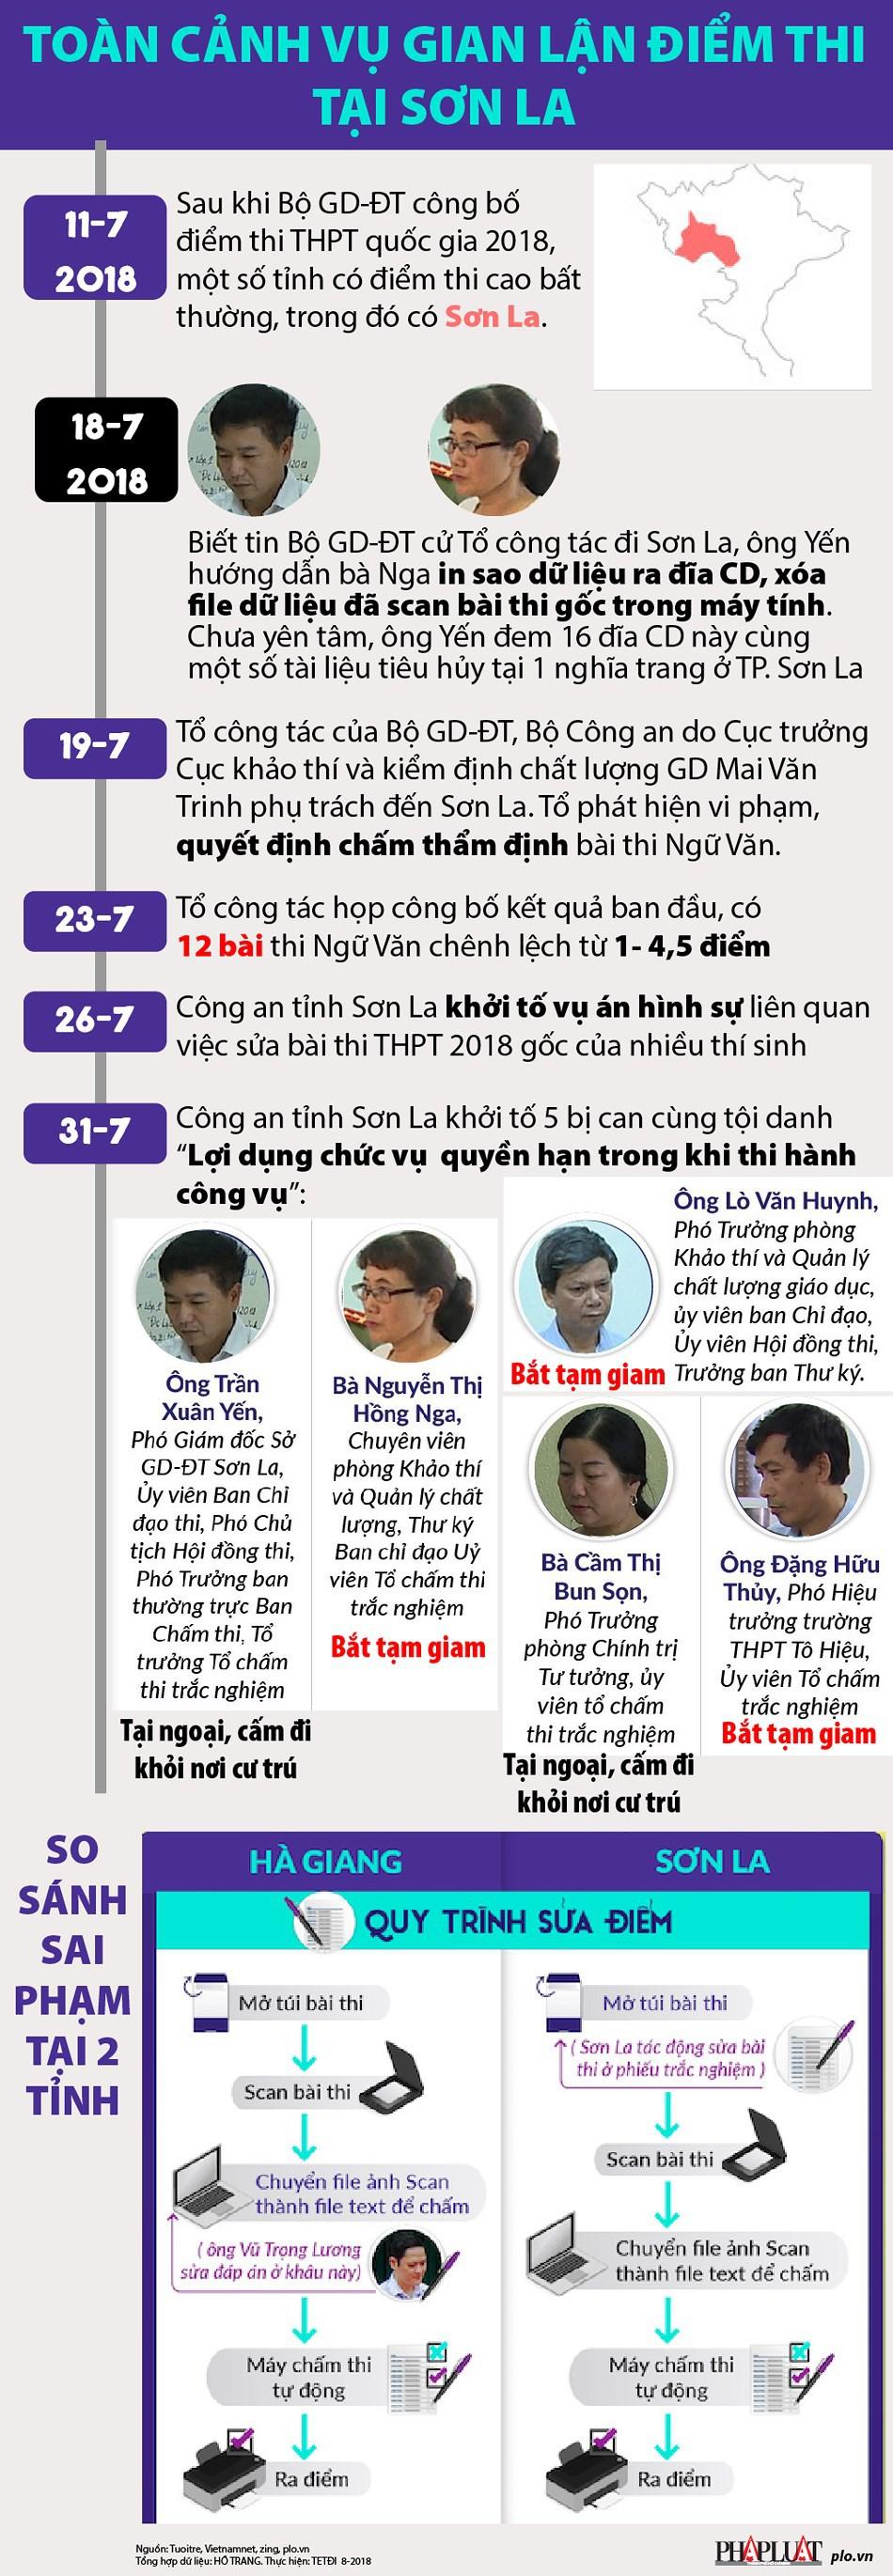 Infographic: Toàn cảnh vụ gian lận điểm thi tại Sơn La - Ảnh 1.